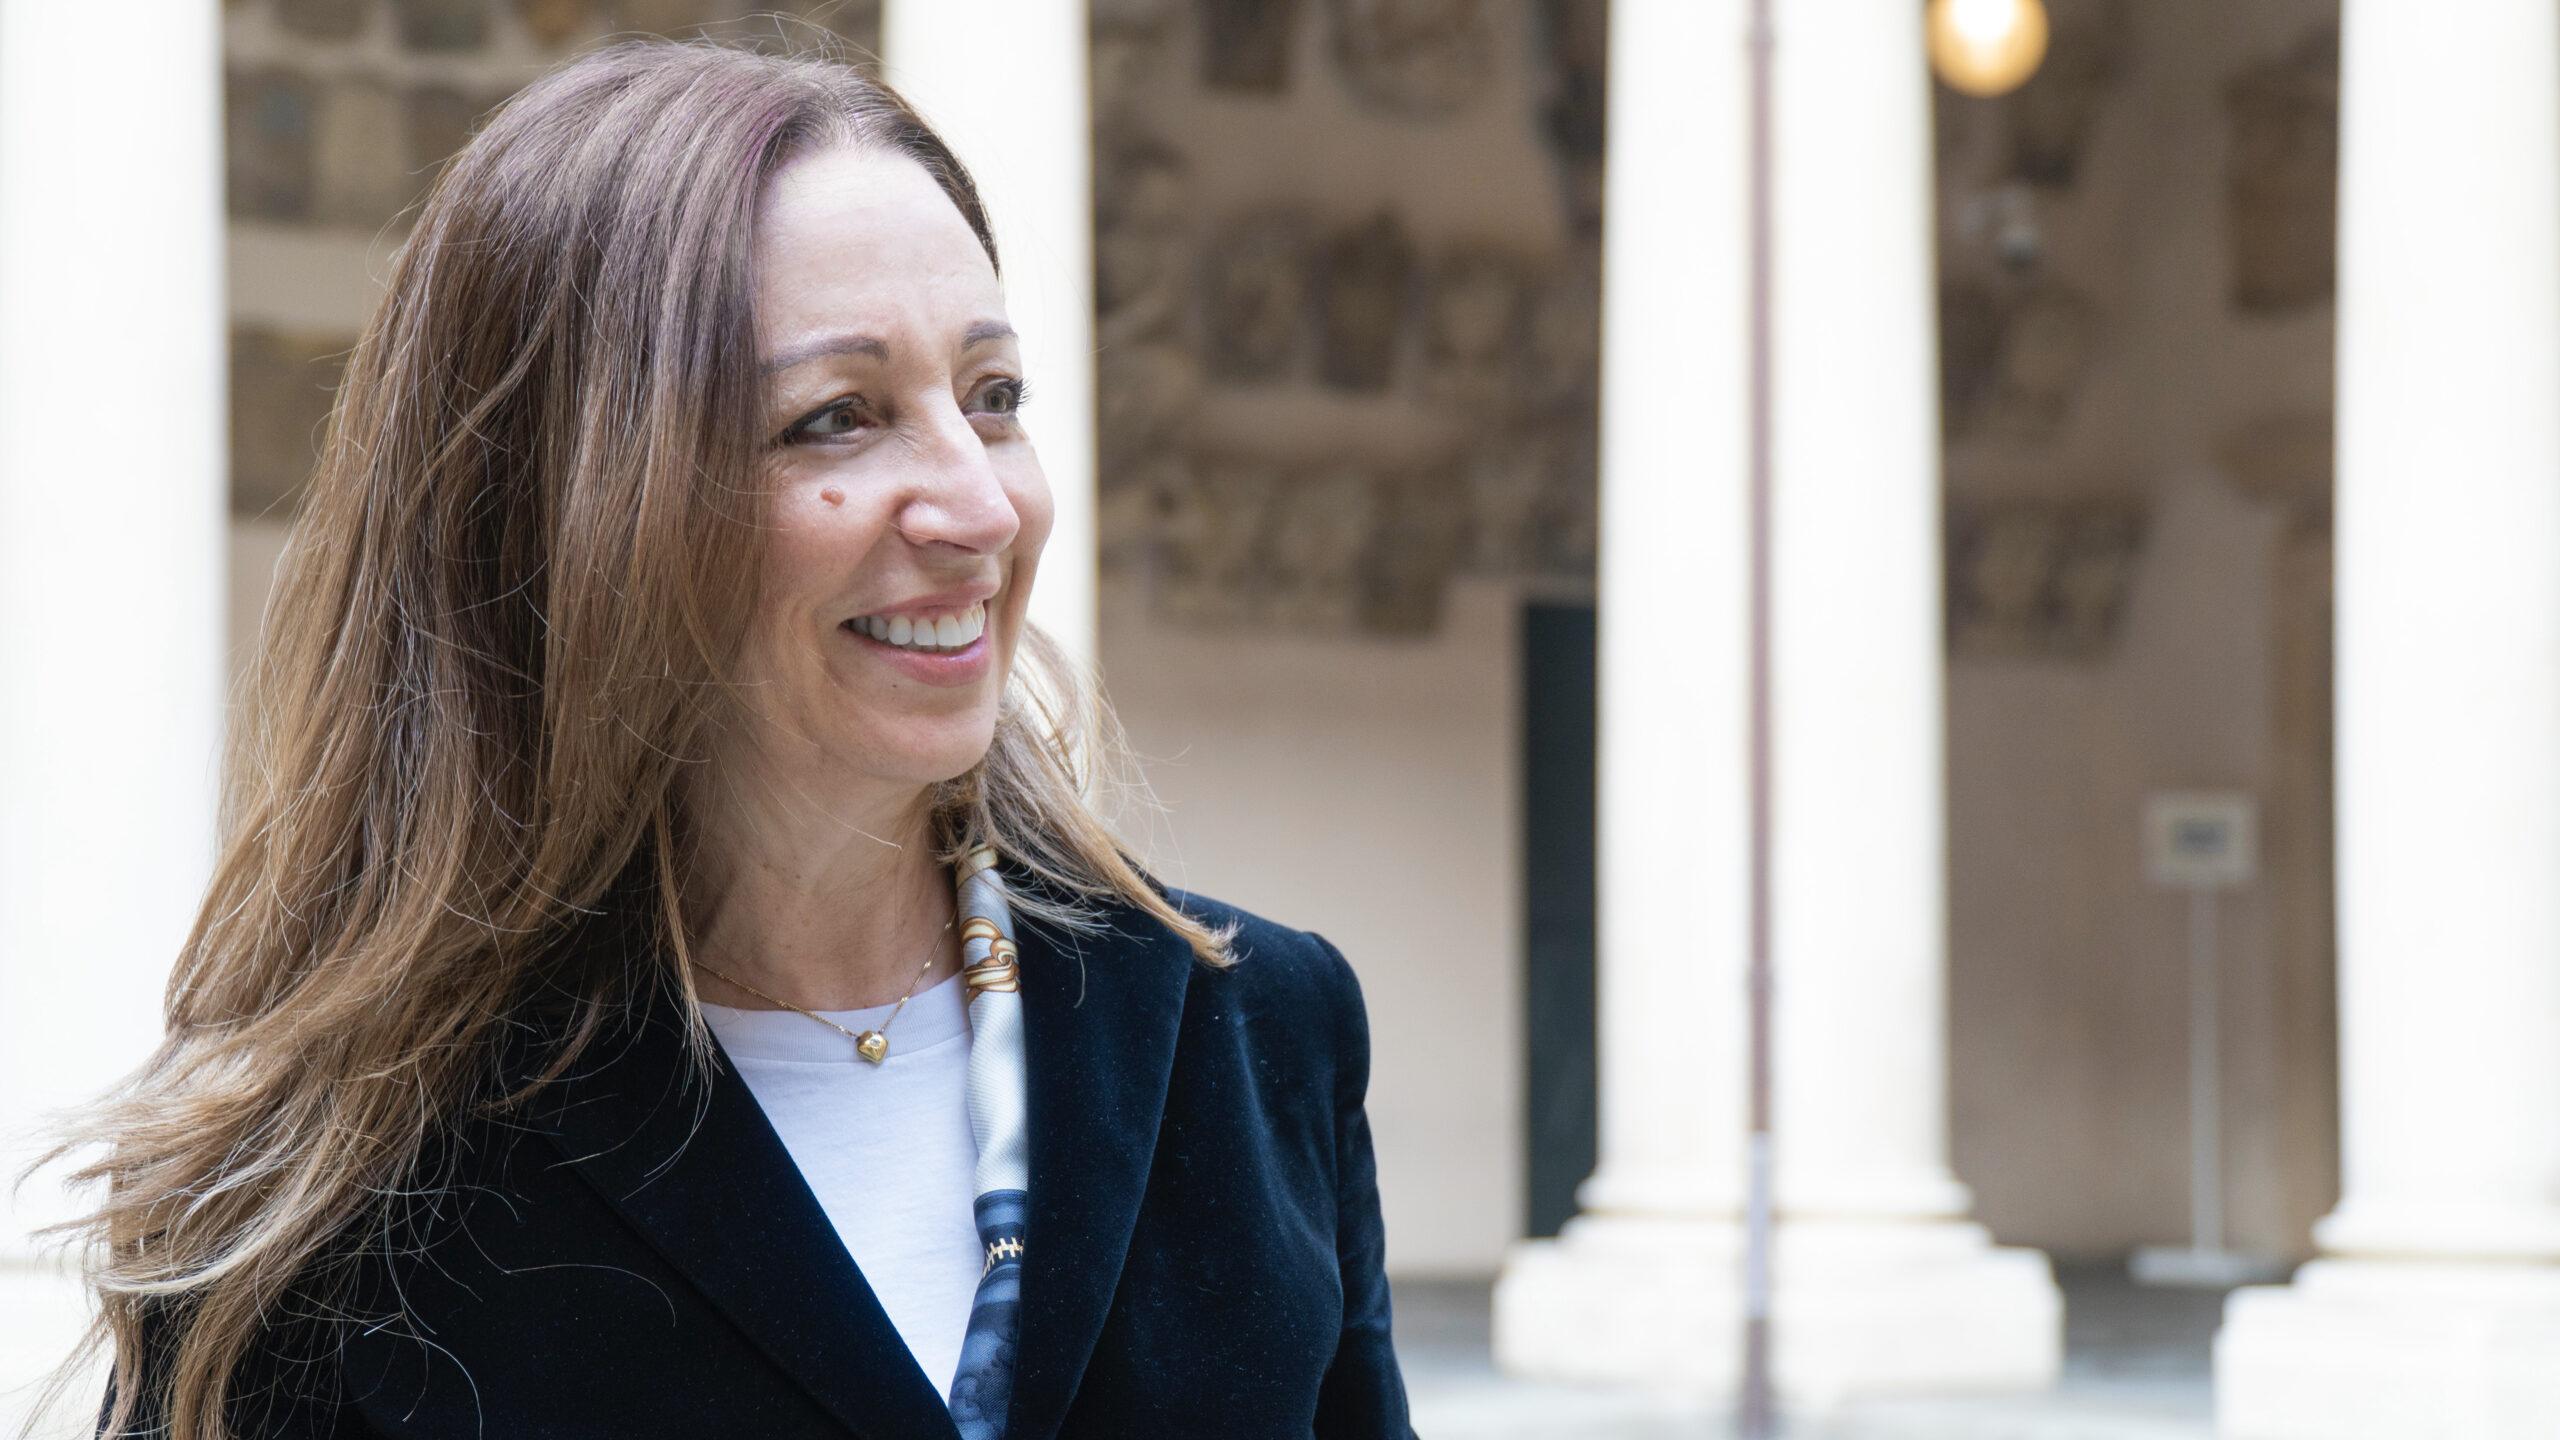 Chi è Daniela Mapelli, la prima donna tra i candidati nelle elezioni 2021 alla carica di rettore dell'Università degli Studi di Padova (unipd) per renderla l'università delle opportunità